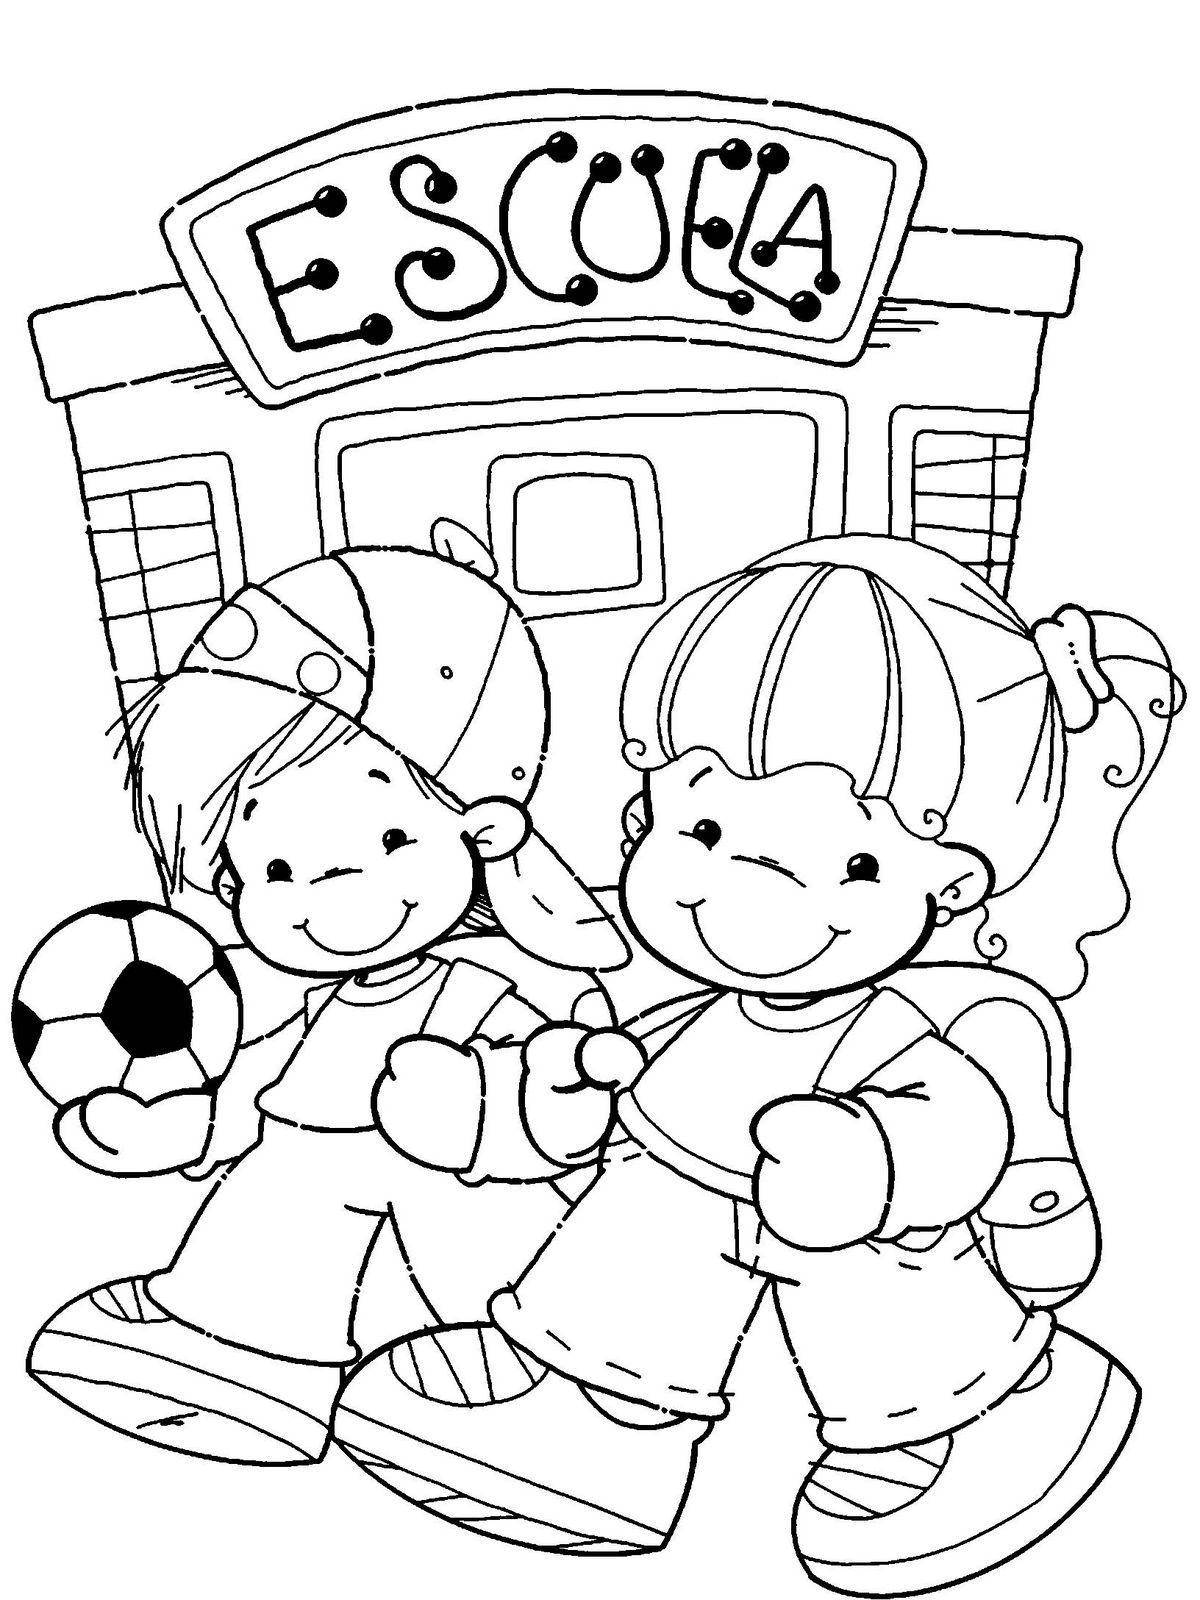 Menta Mas Chocolate Recursos Y Actividades Para Educacion Infantil Dibujos De Los Derechos De Los Ninos Dibujo De Ninos Jugando Imagenes Para Colorear Ninos